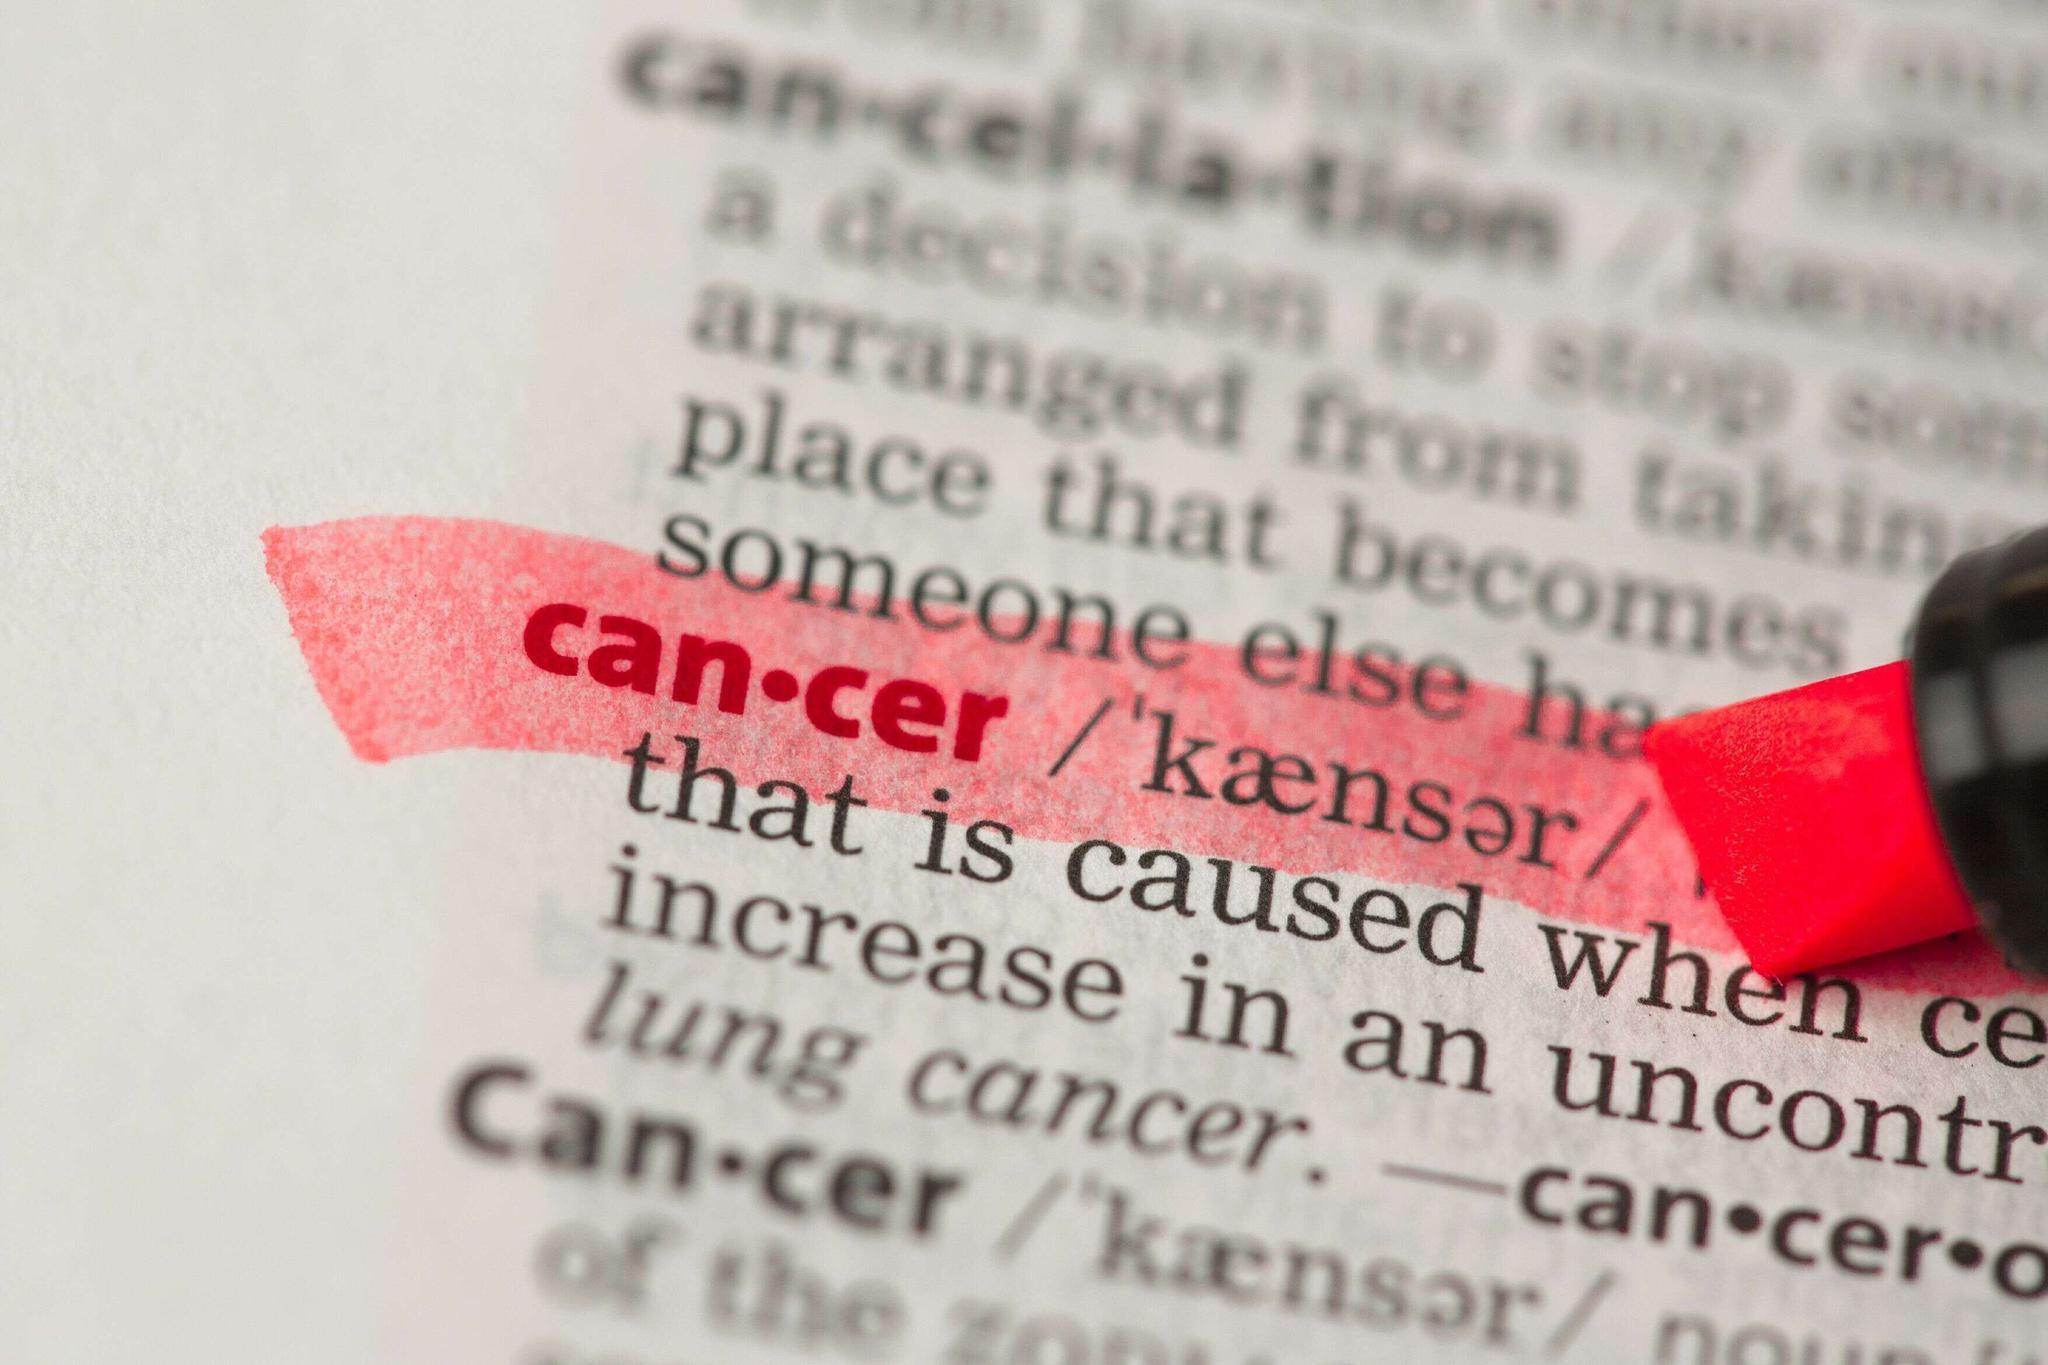 癌症早筛站上风口 千亿市场谁主沉浮